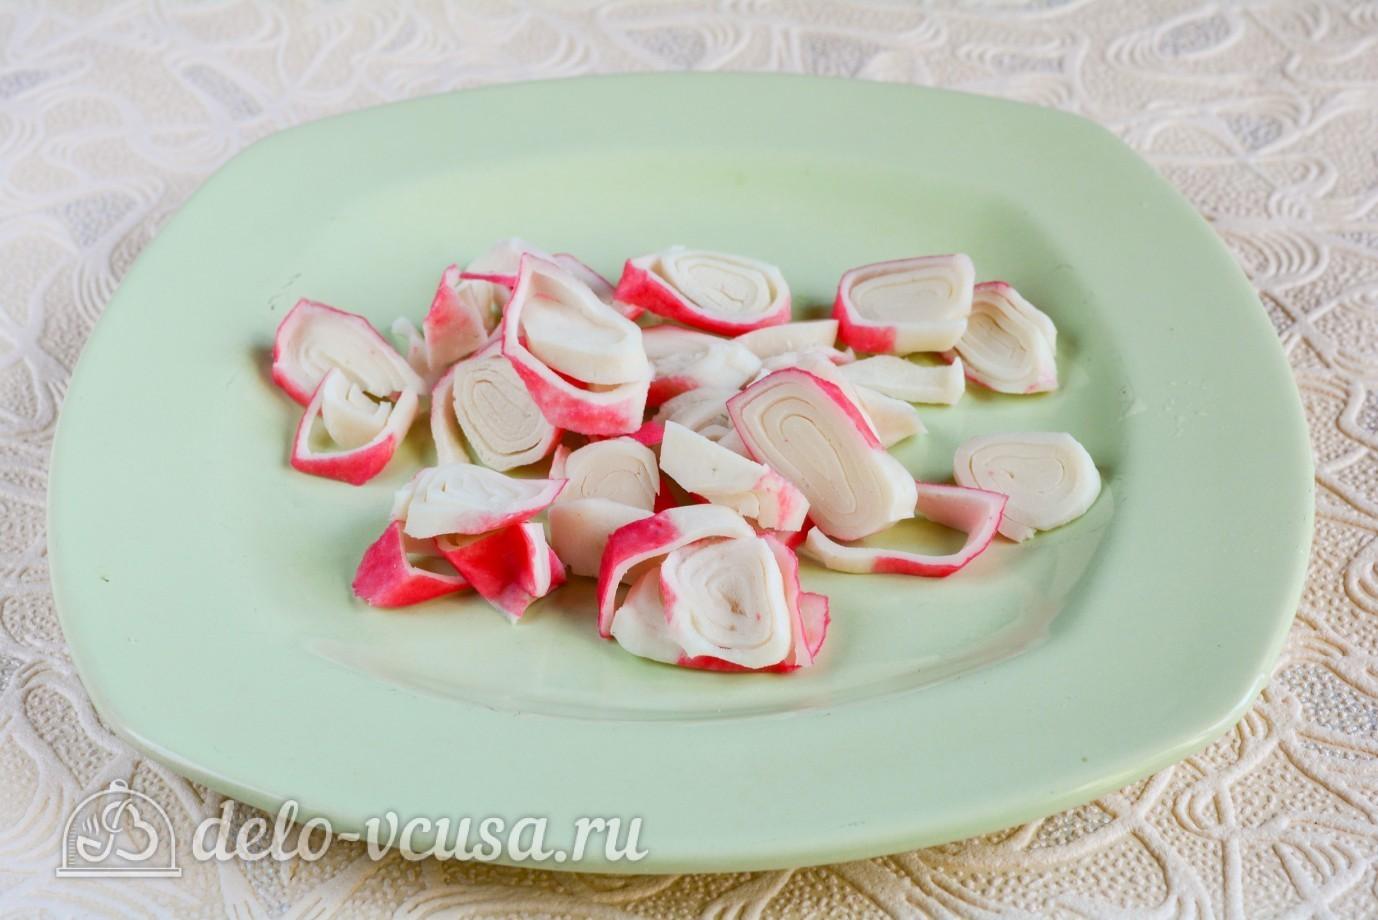 рецепт салата с крабовым мясом и с сыром